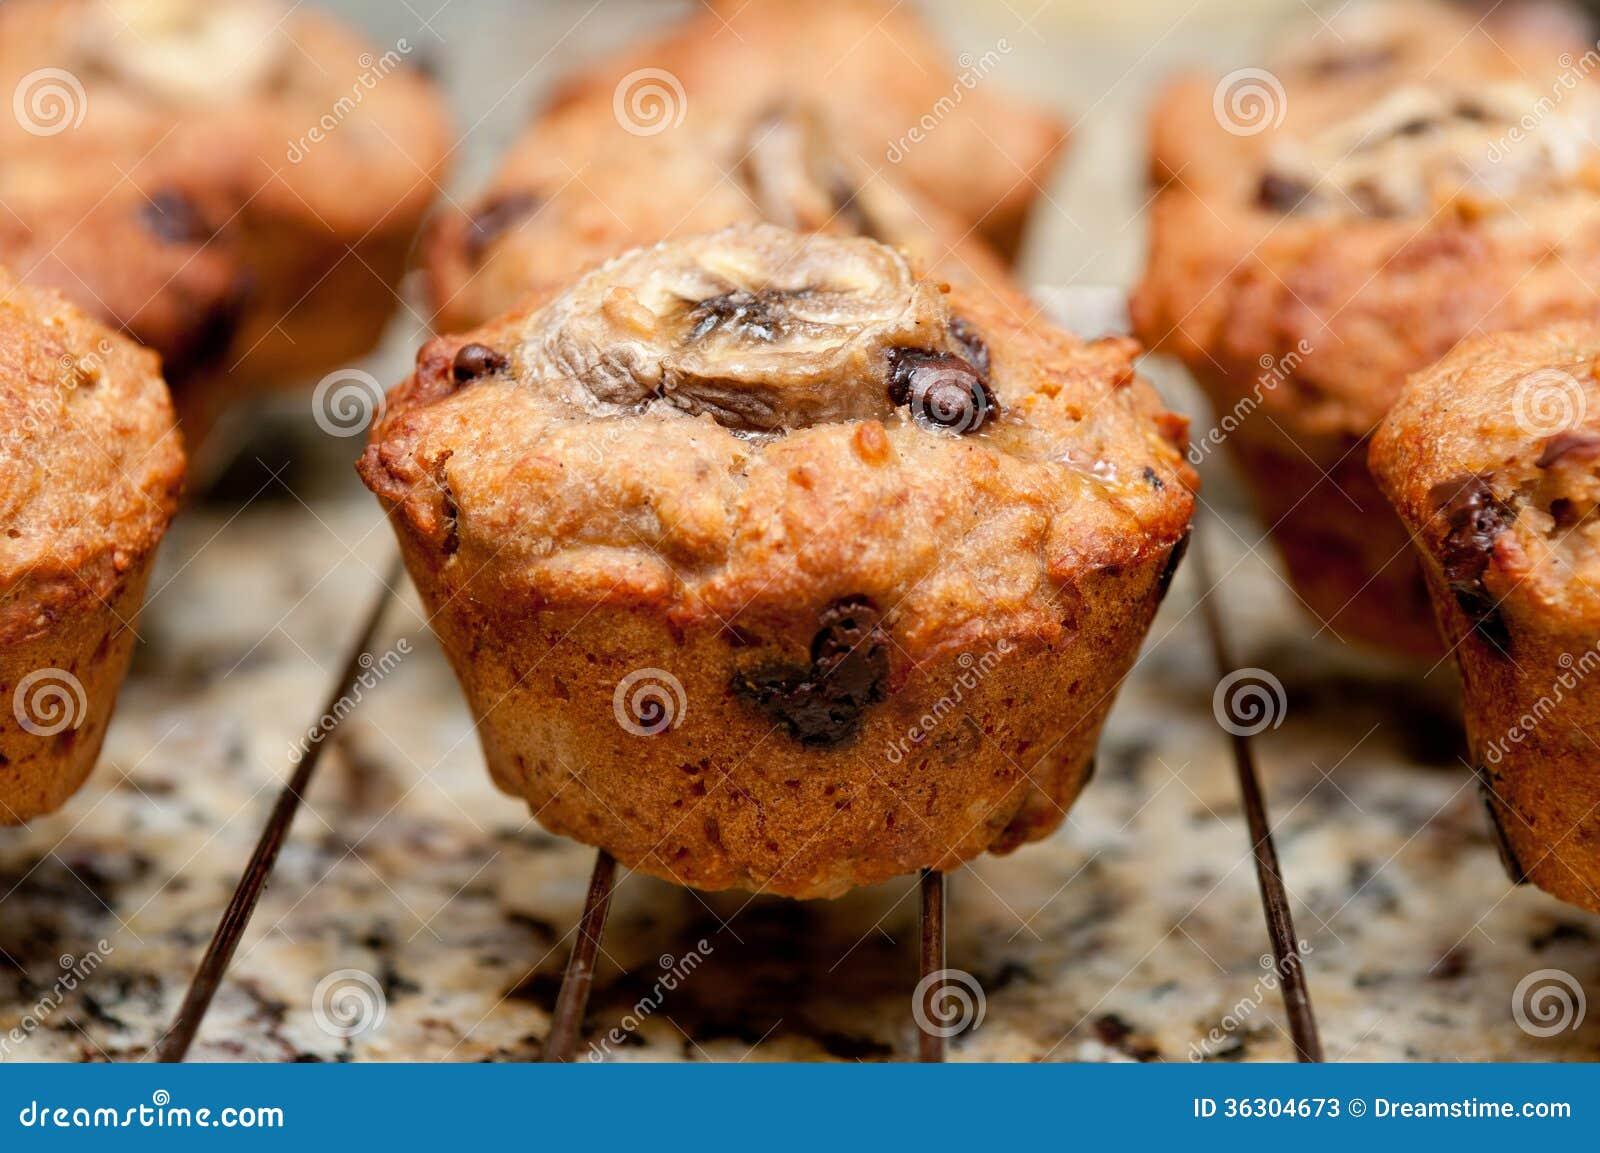 Banana, walnut and chocolate chip muffins